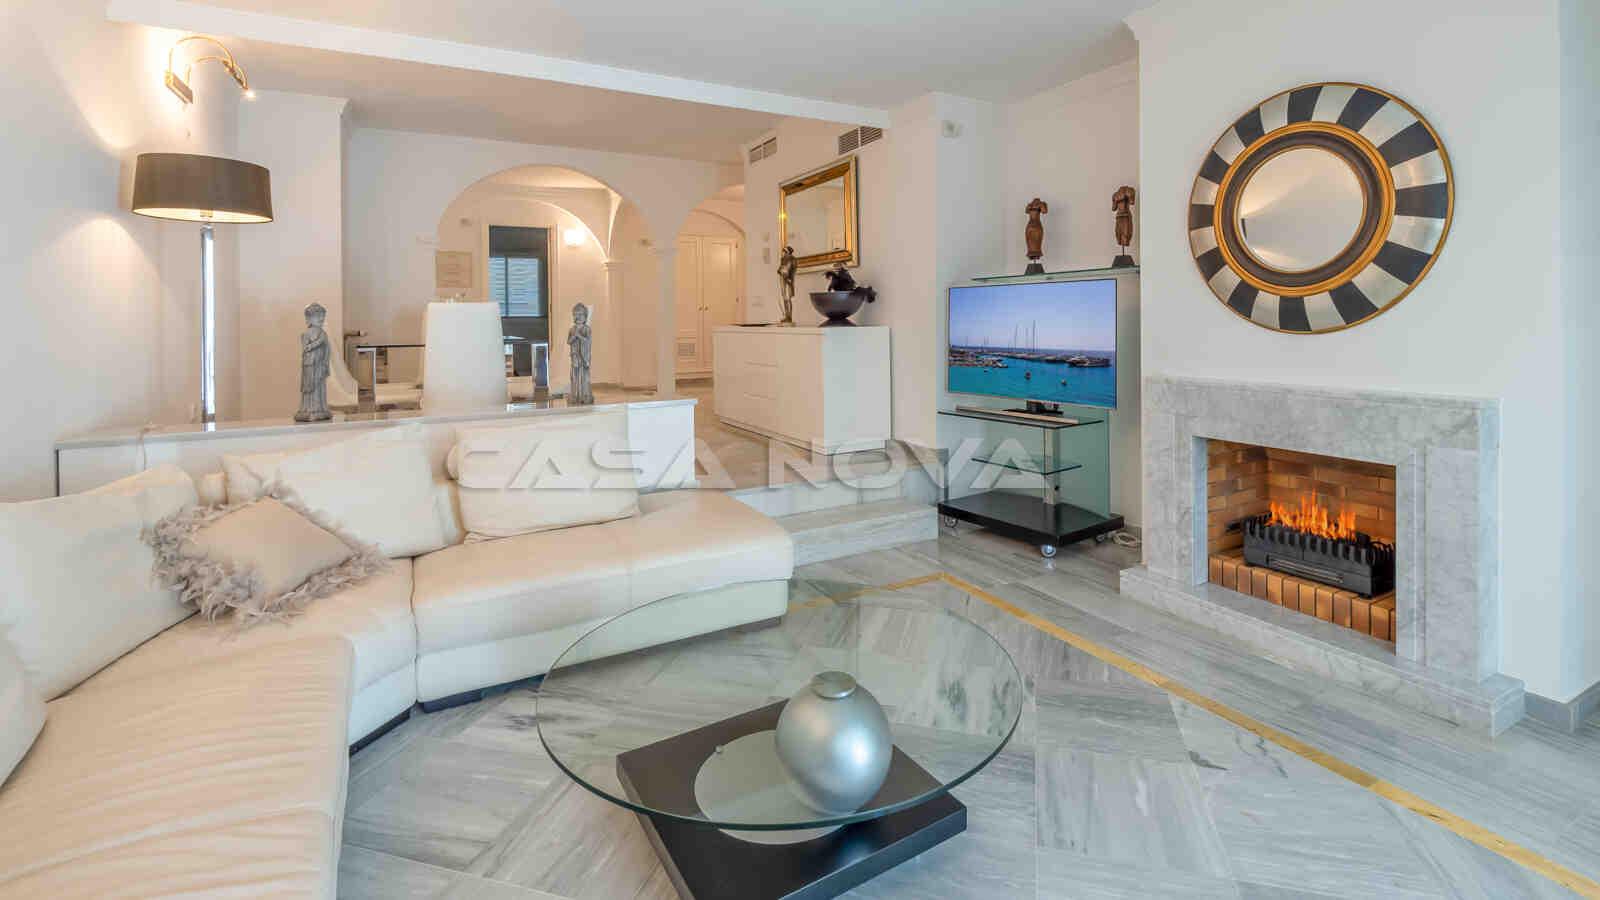 Komfortables Wohnzimmer mit Kamin